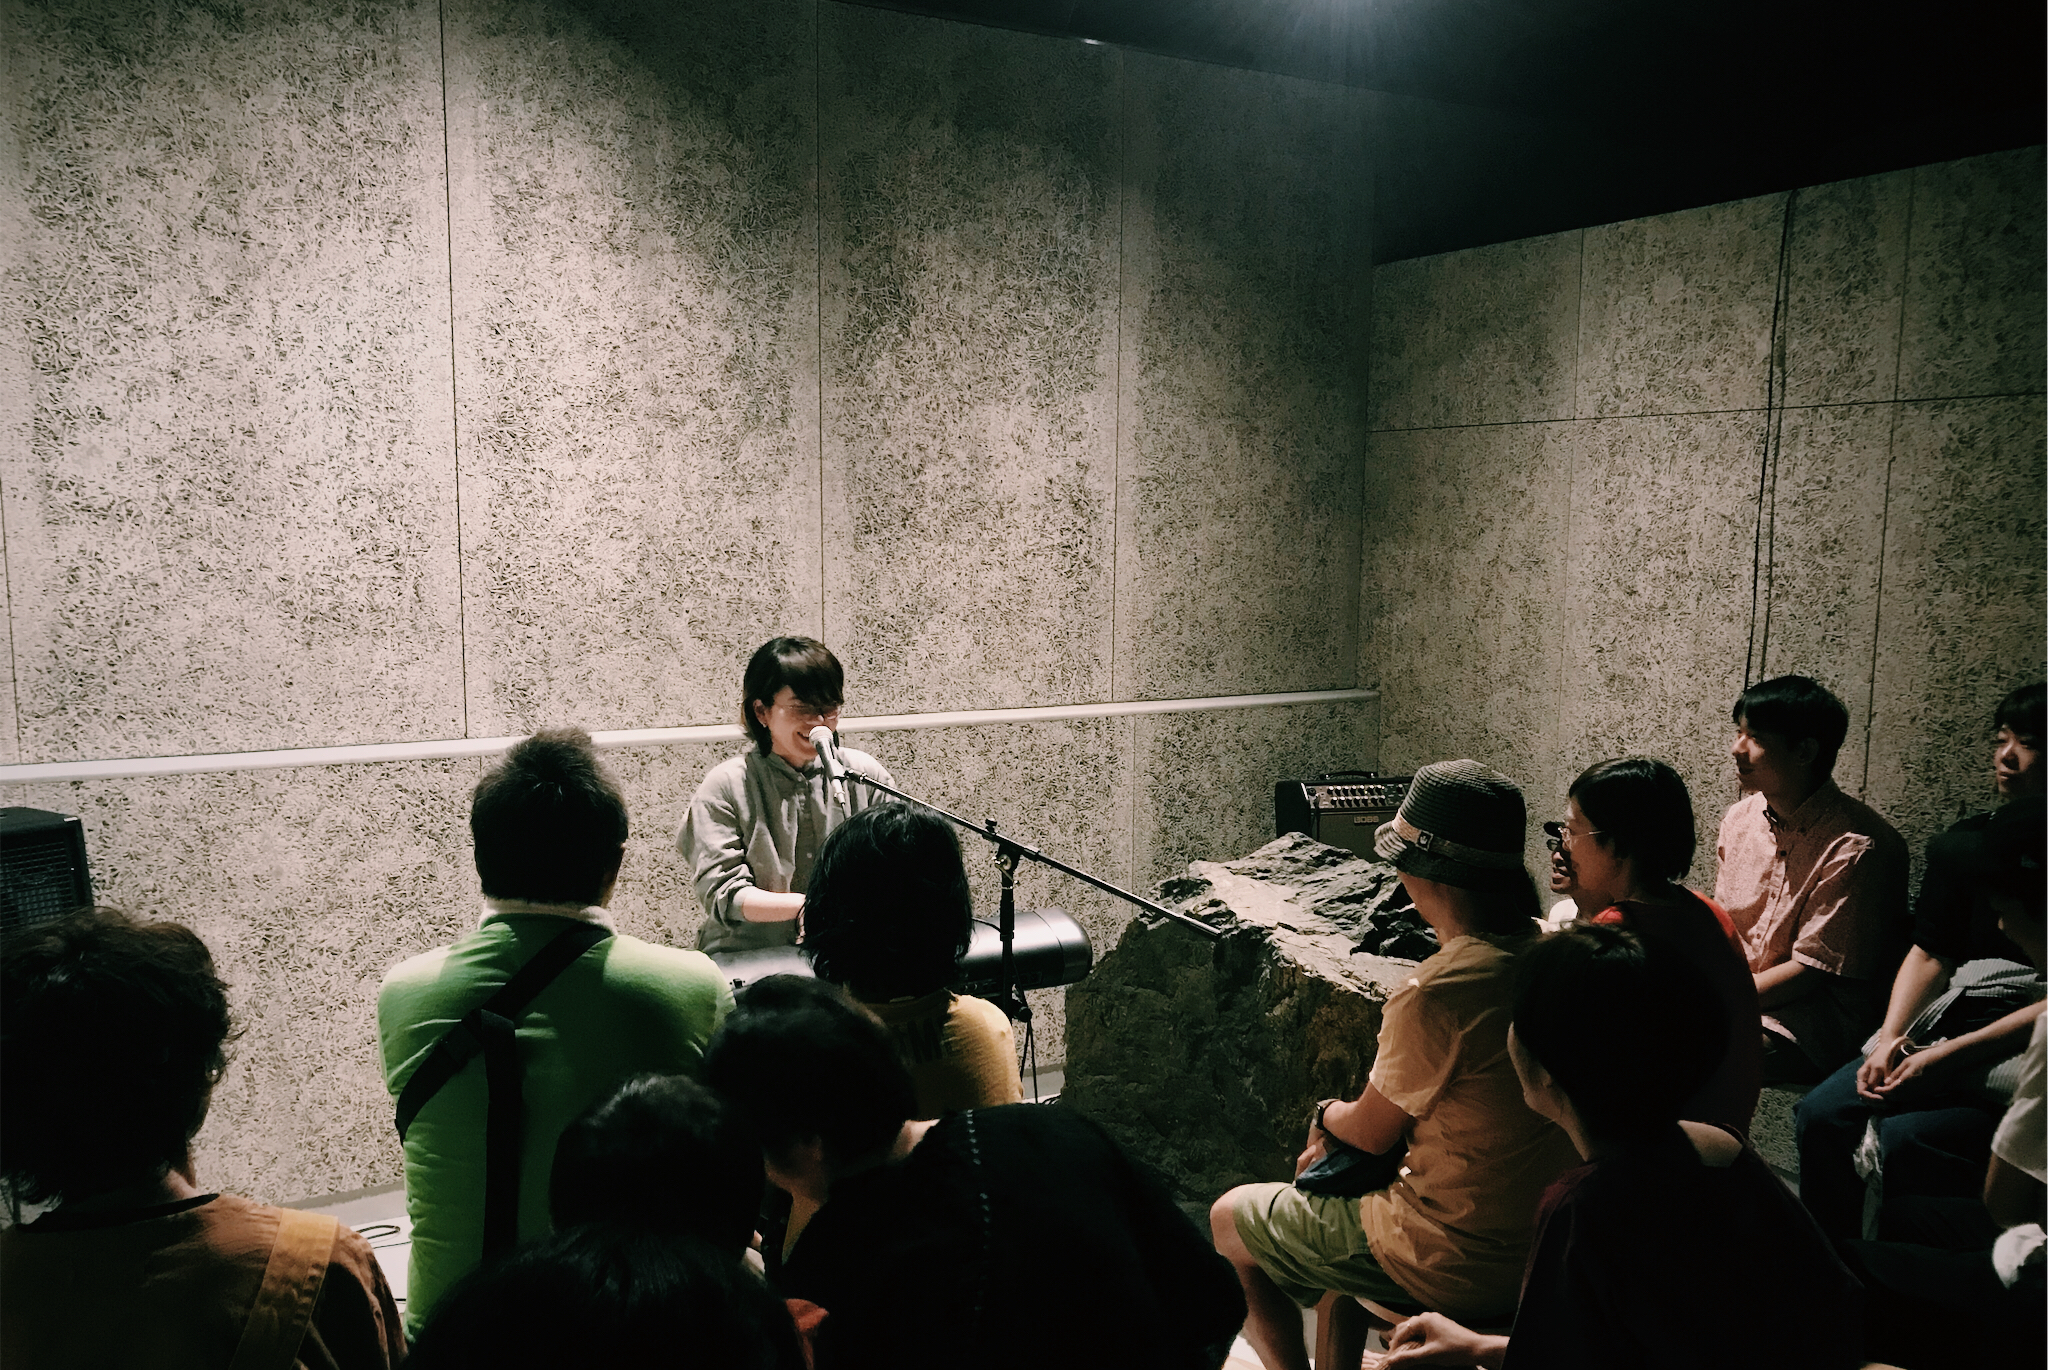 中村佳穂ワンマンライブ IN LIQUIDROOM (東京・恵比寿)に出展します[7月13日(土)]